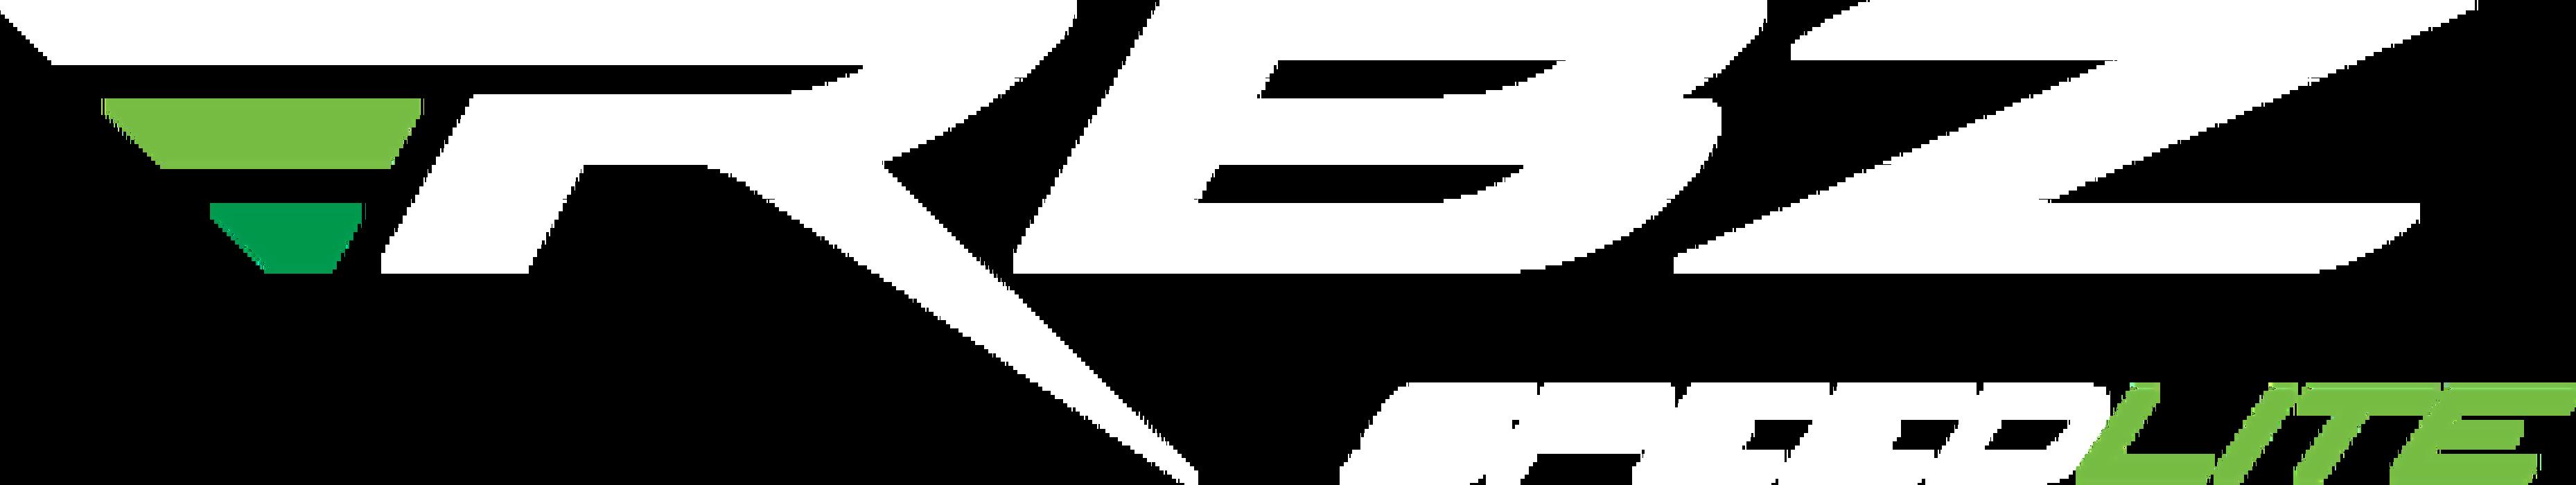 RBZ Speedlite